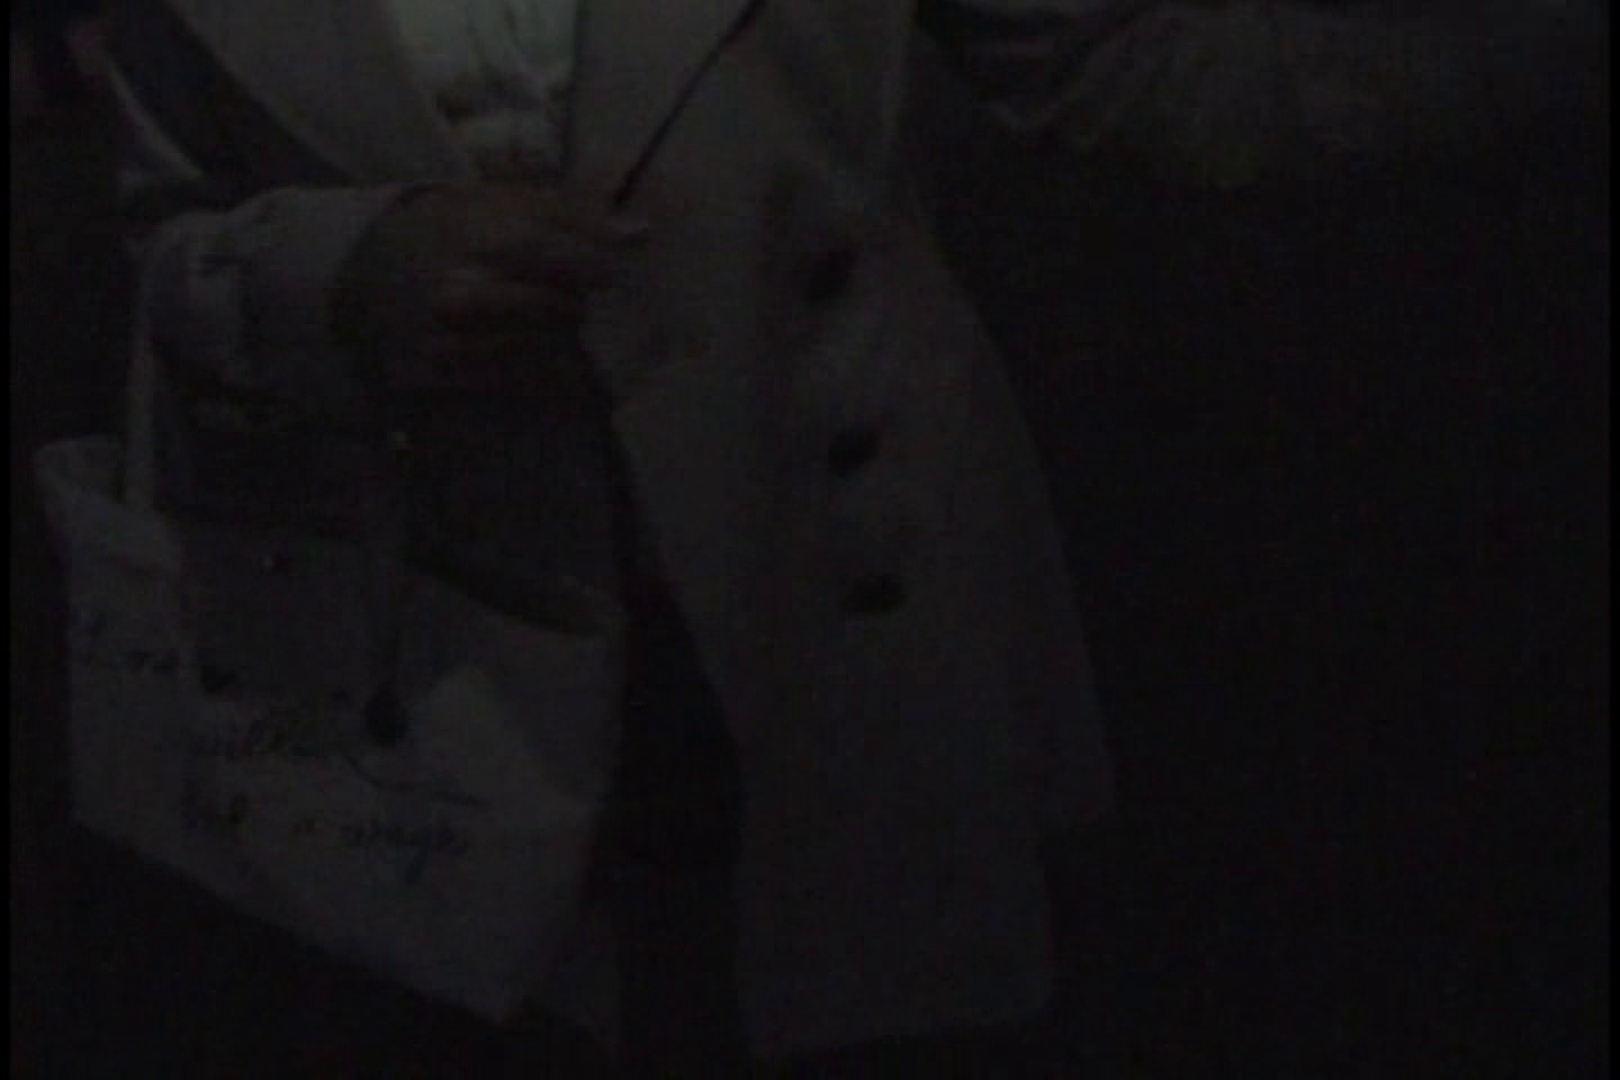 JDハンター全国ツアー vol.035 後編 Hな女子大生 | HなOL  49pic 7